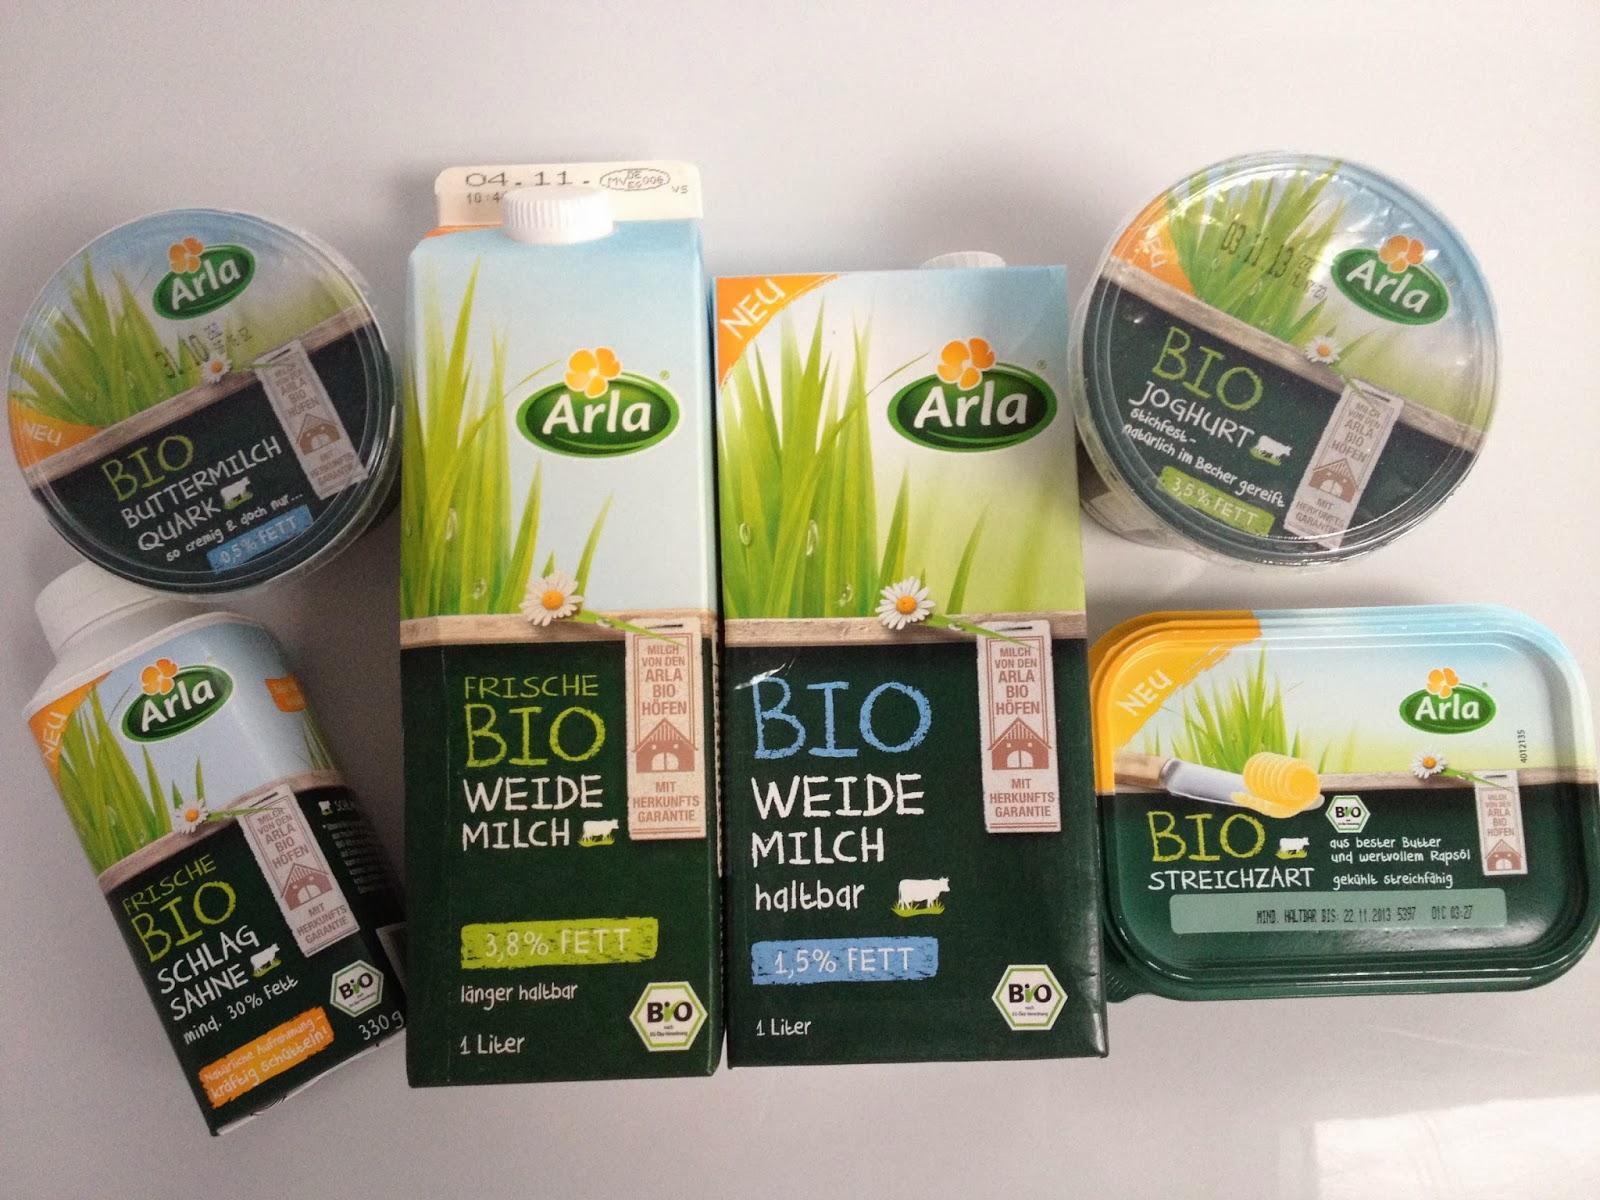 Bio Joghurt; Bio Buttermilchquark, Frische Bio Schlagsahne, Bio Weidemilch, Bio Streichzart